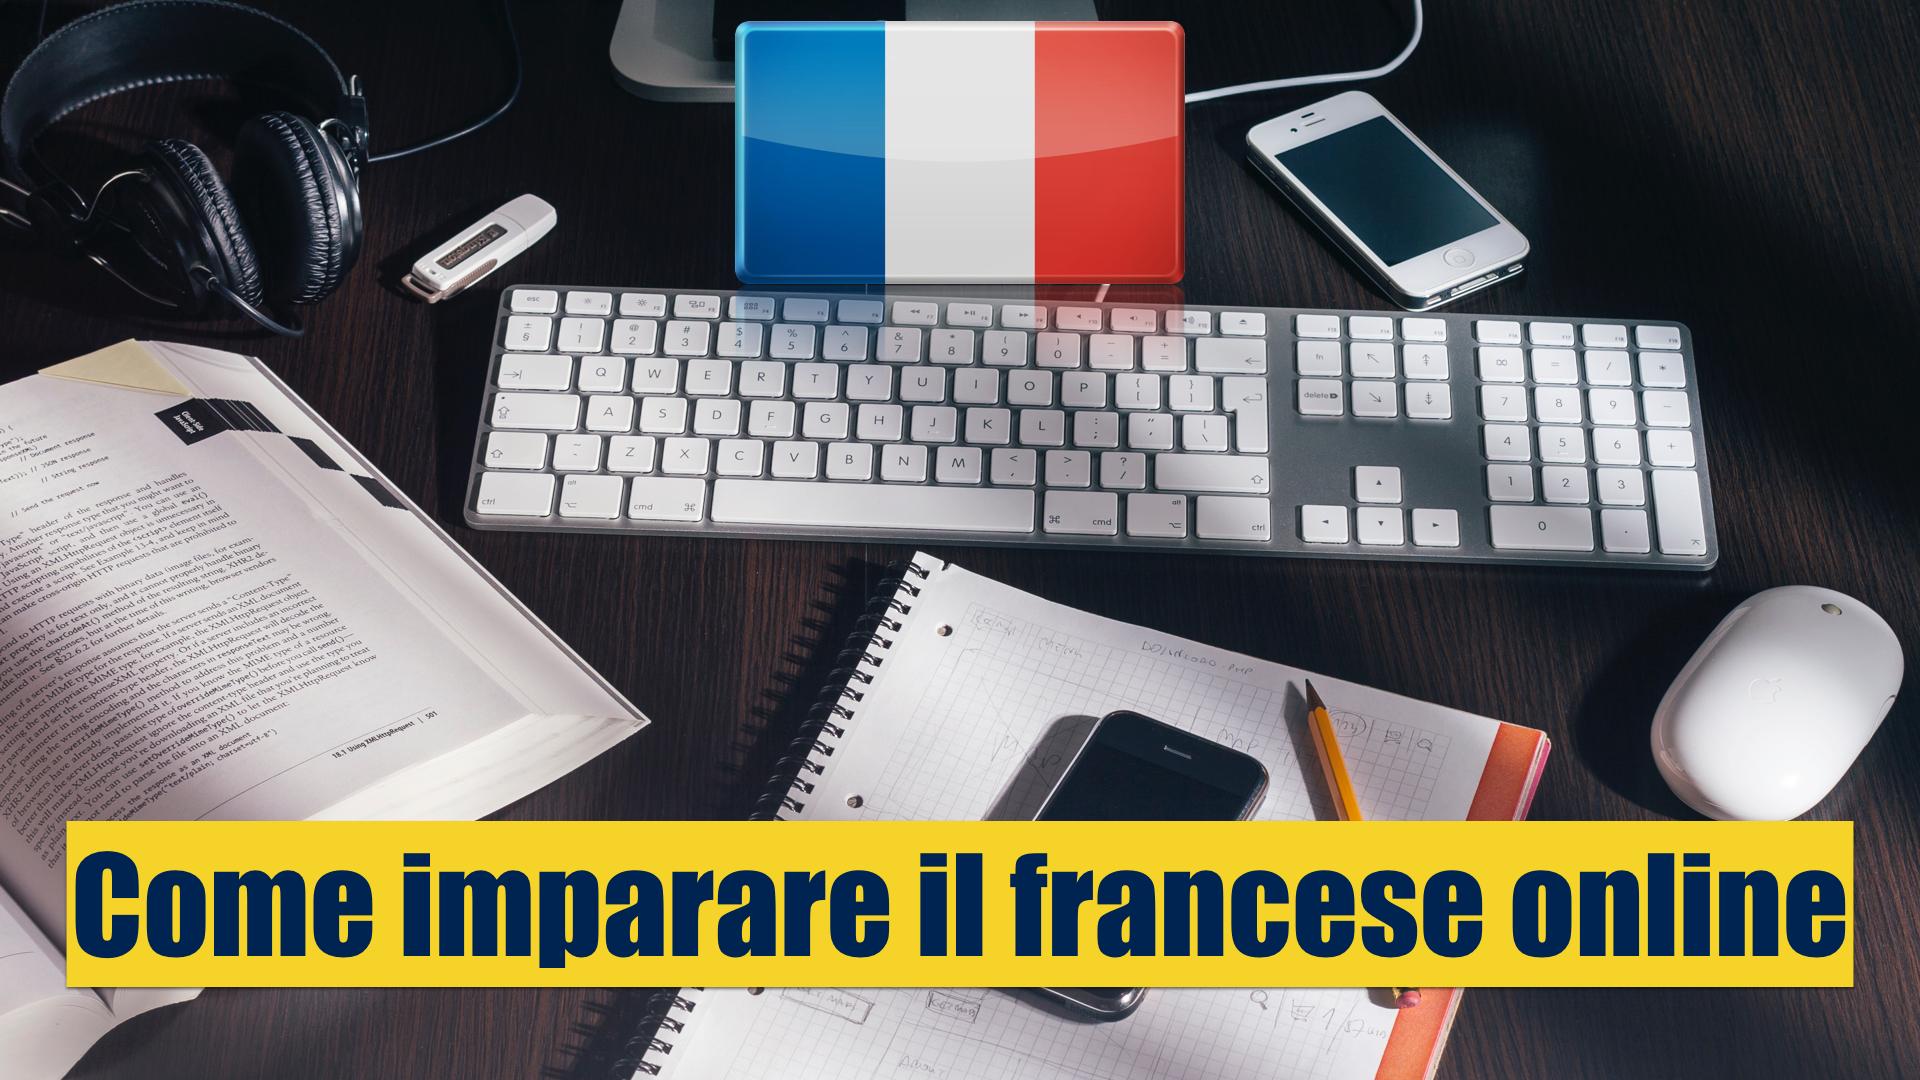 Come imparare il francese online